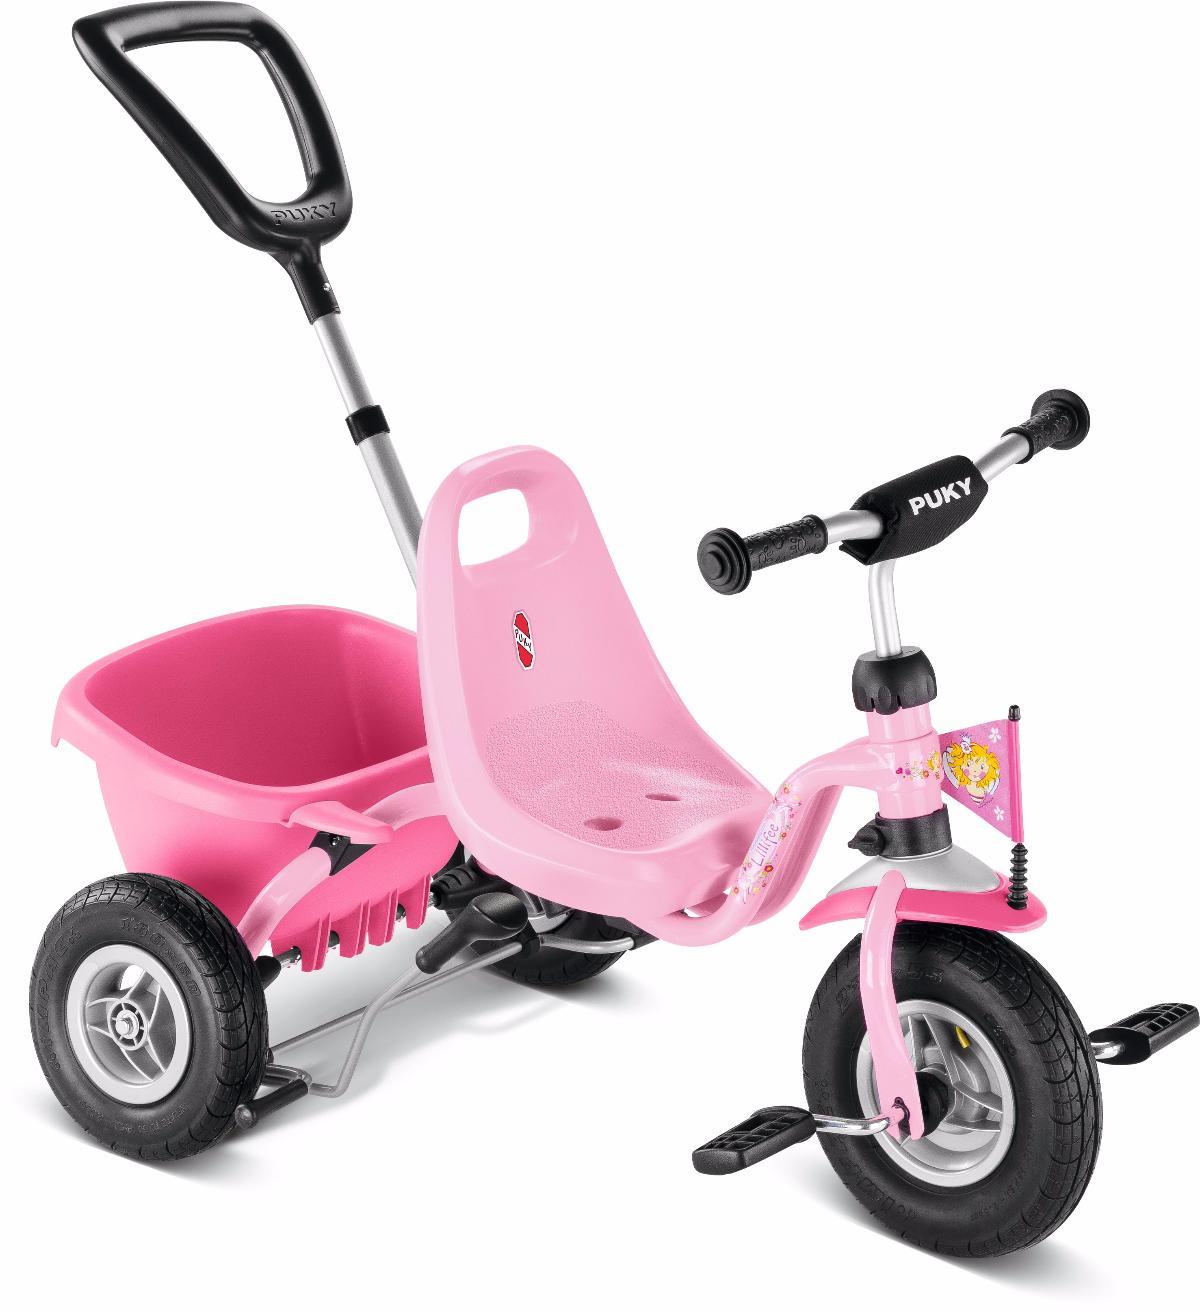 Велосипед Трехколесный Puky 2016 Cat 1 L Lillifee